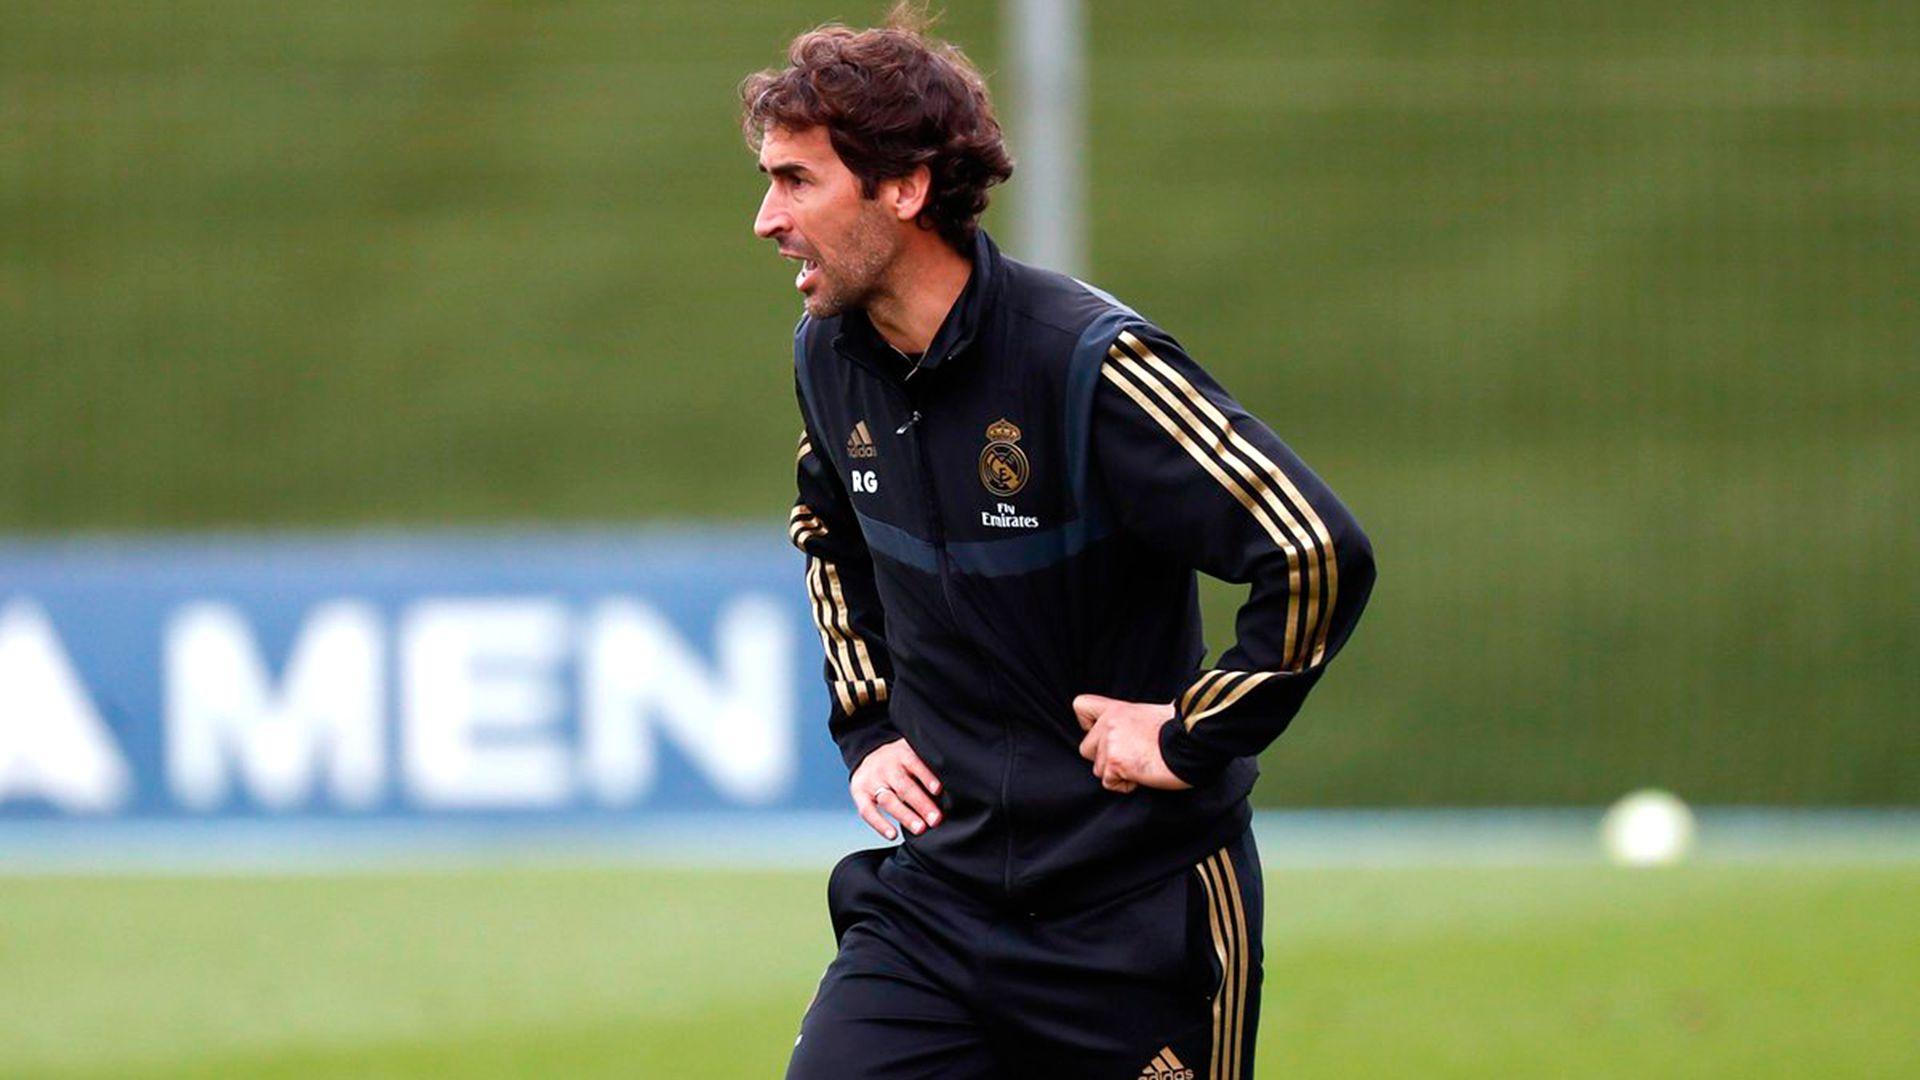 Raúl quiere ser entrenador del Real Madrid más adelante (@RaulGonzalez)